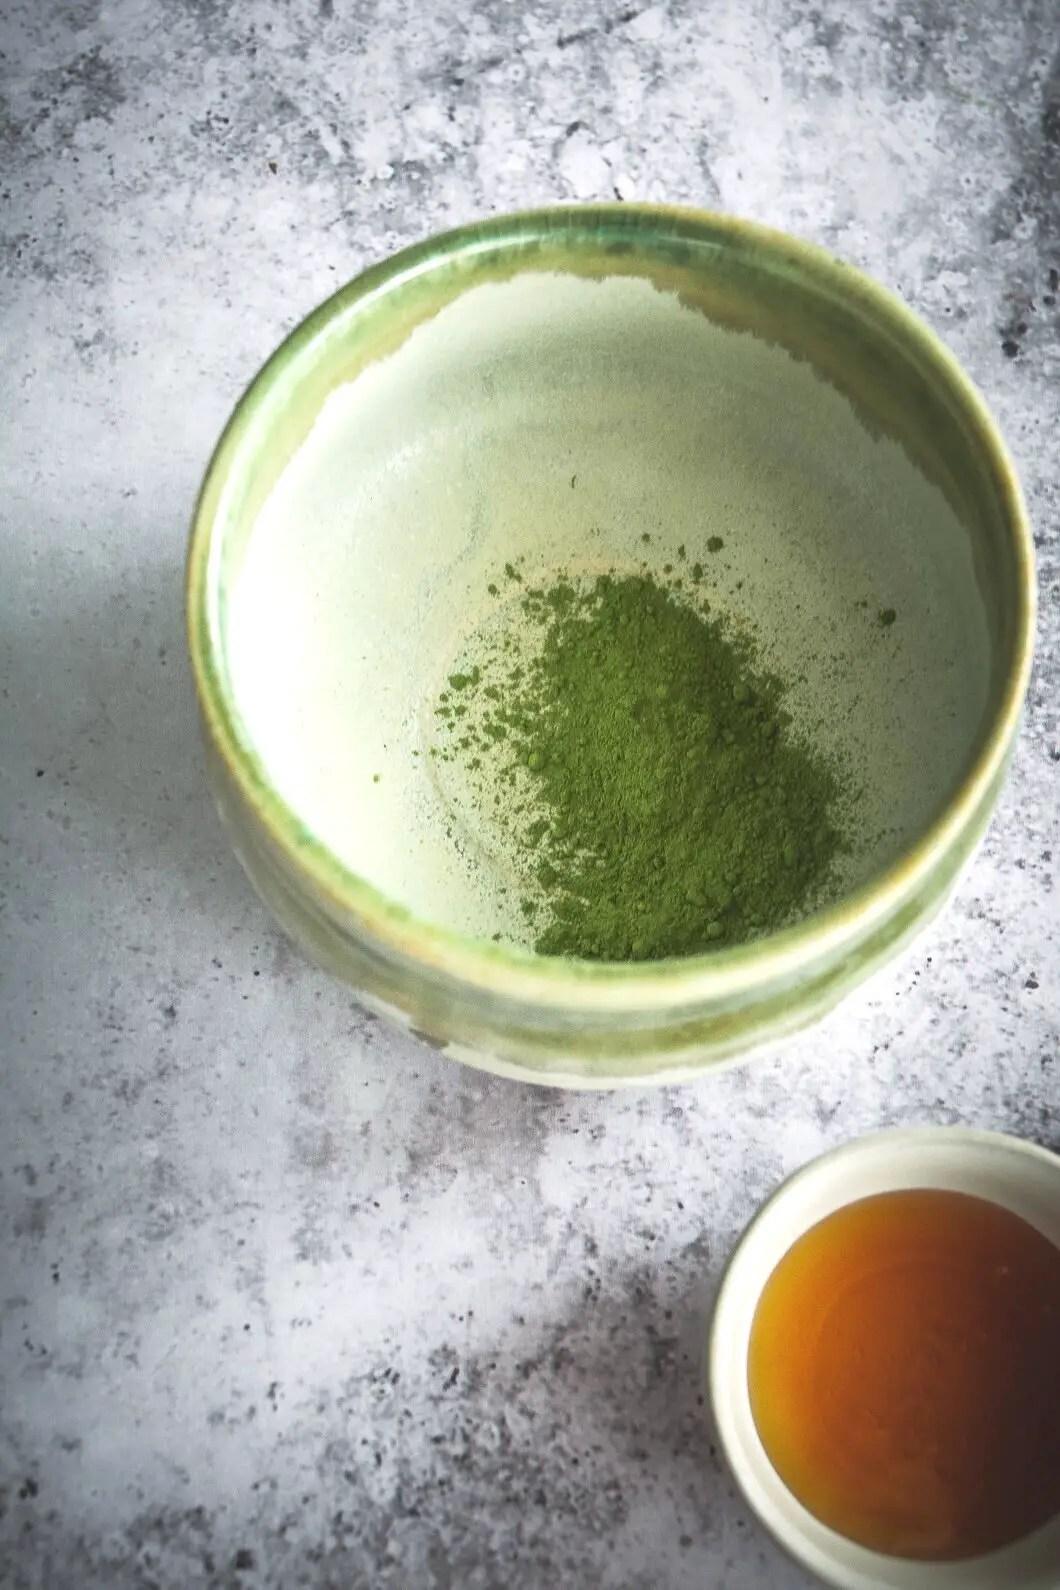 Matcha and moringa in mug